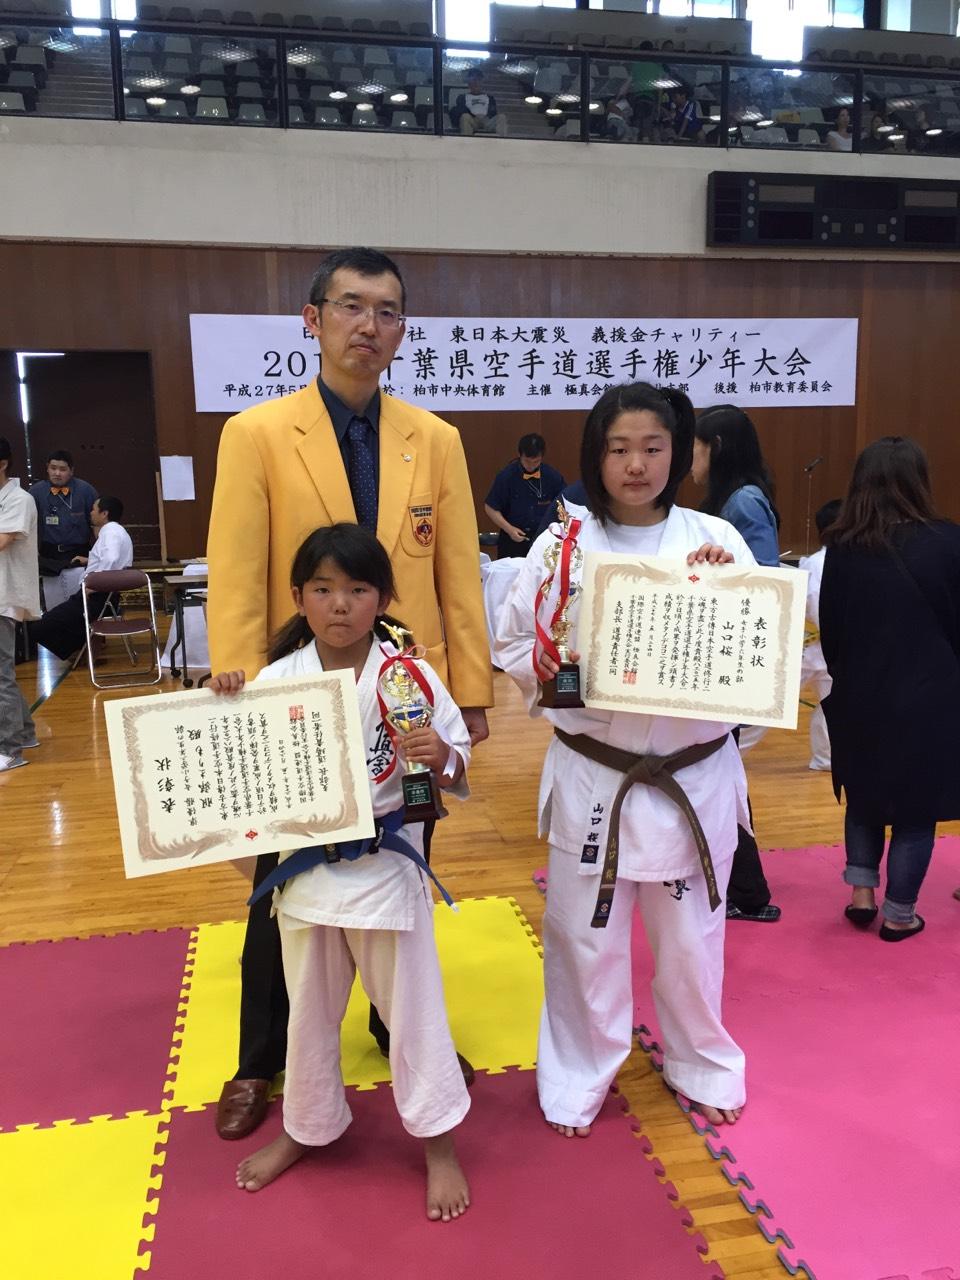 http://www.kyokushin-chibaminami.com/images/1432693918419.jpg